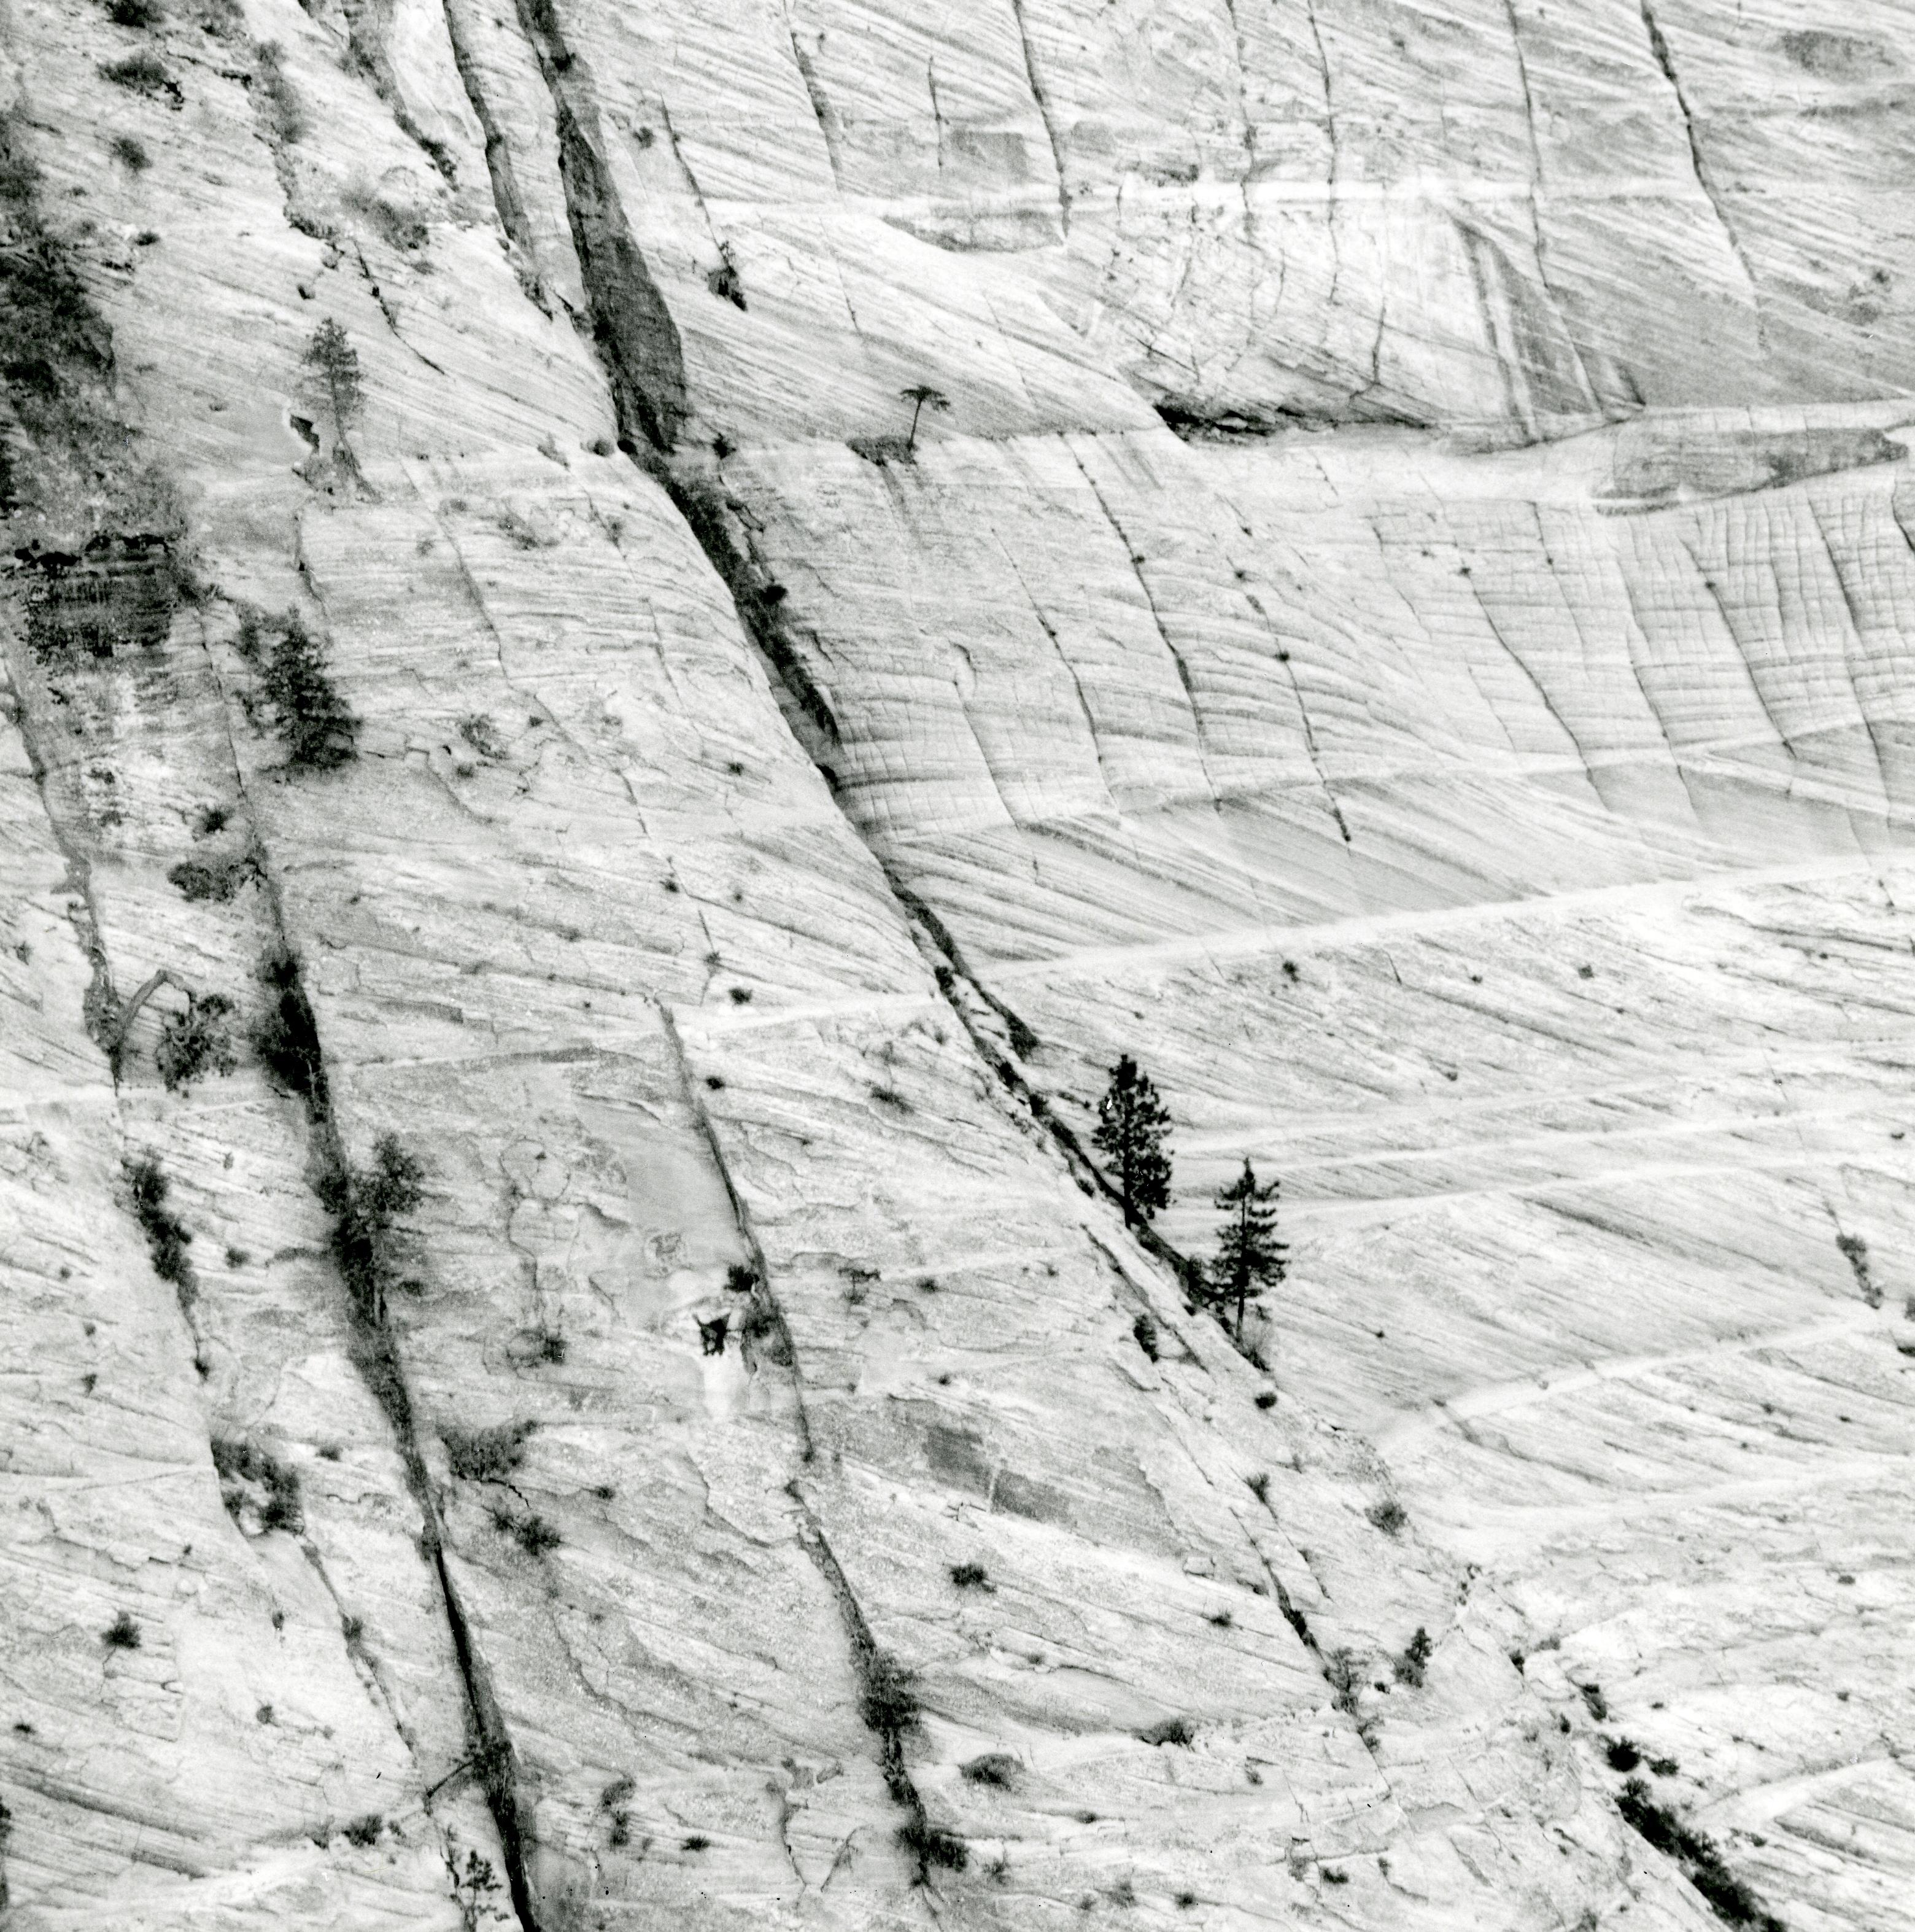 Navajo Cross Beds, Zion, Utah